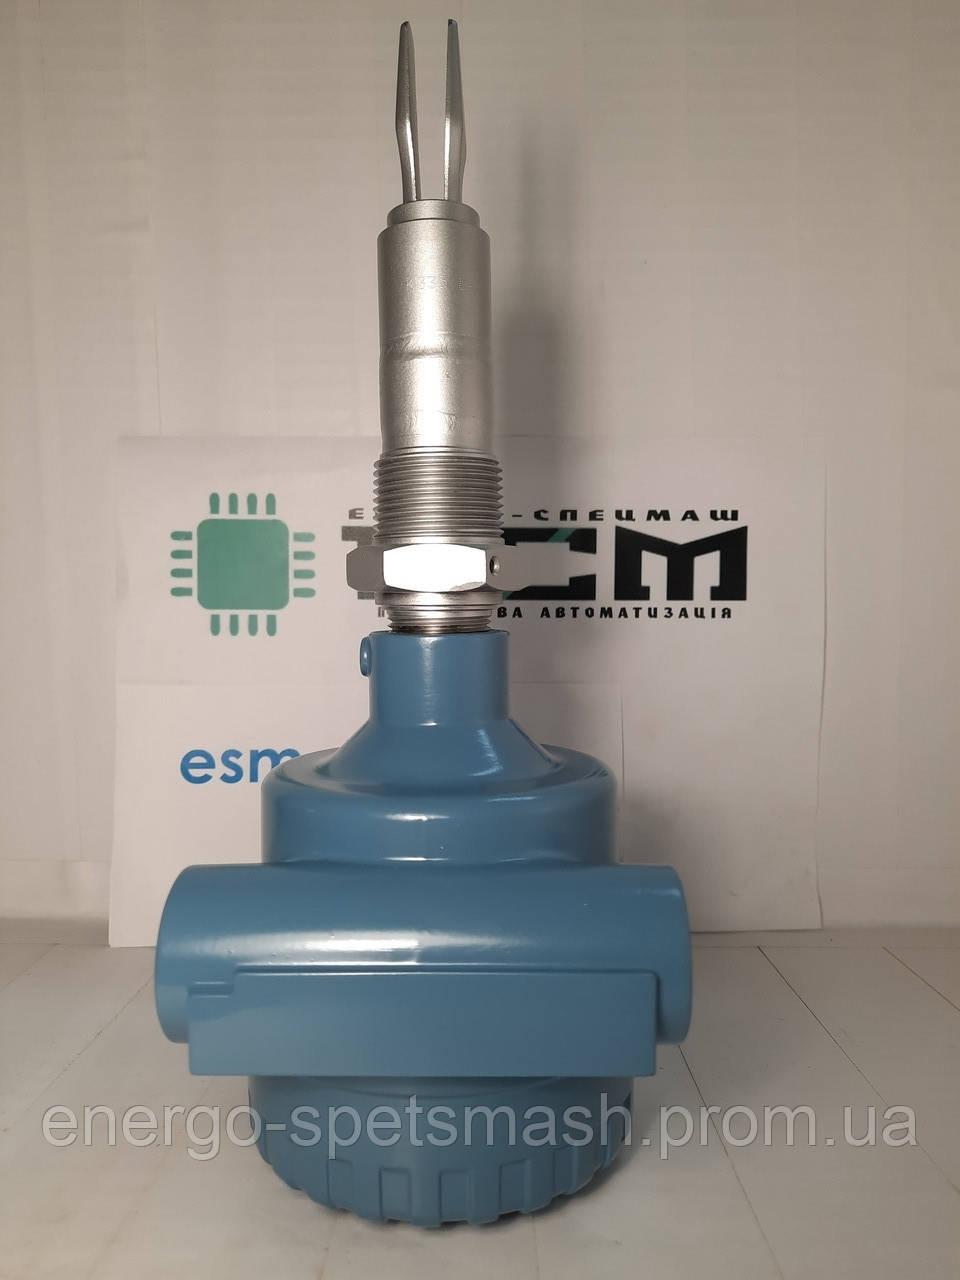 Сигнализатор уровня вибрационный Rosemount 2120